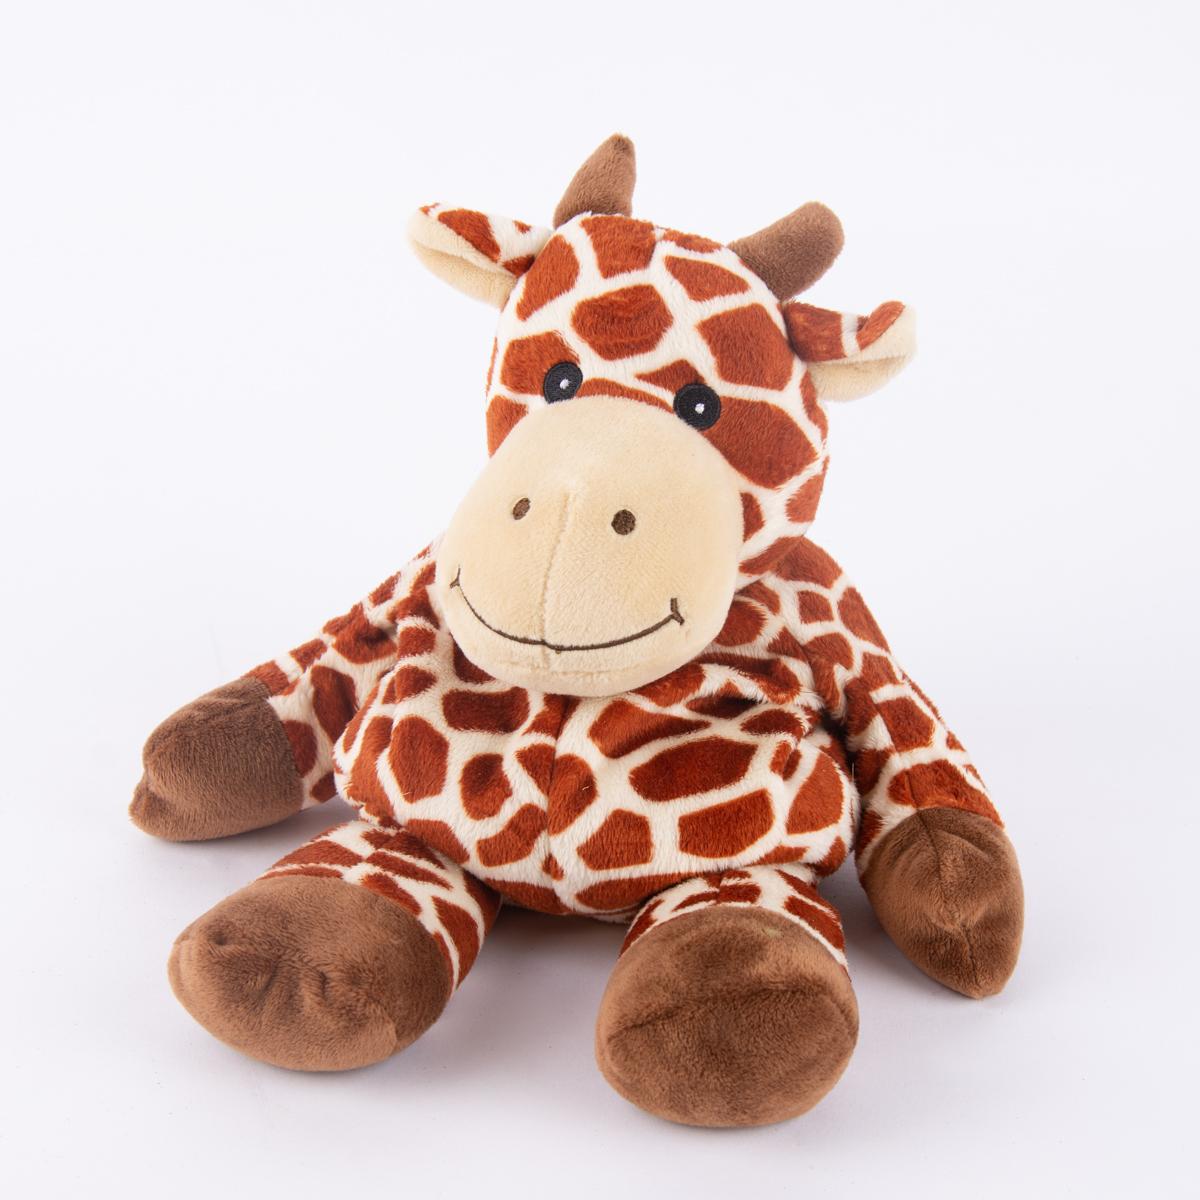 Warmies Wärmestofftier Giraffe mit 100% Hirse-Lavendelfüllung